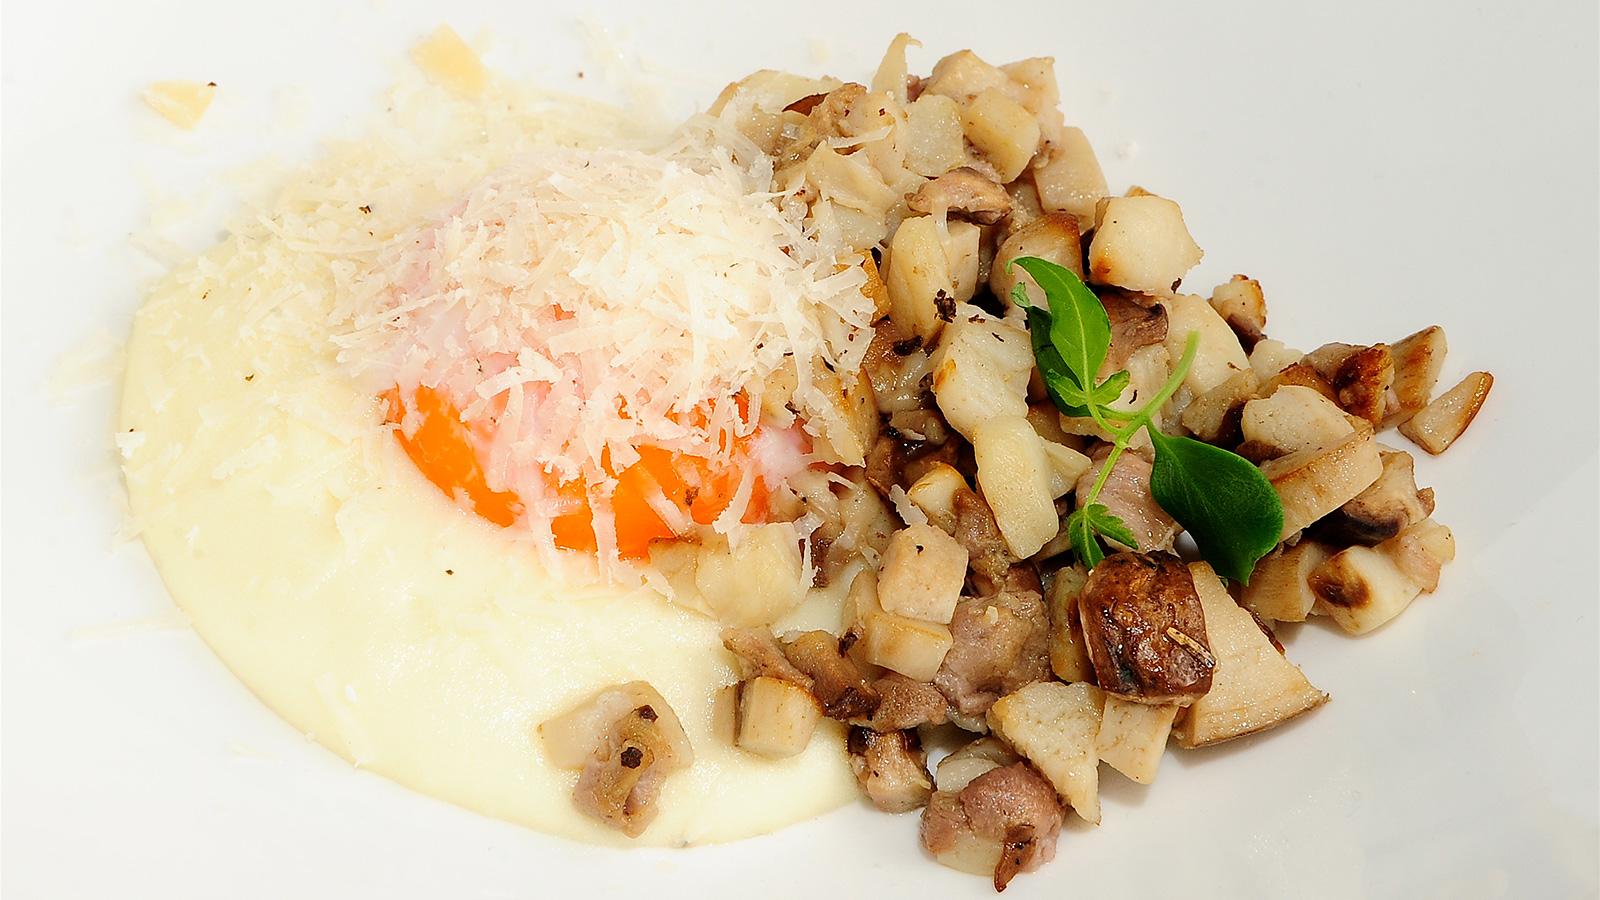 Huevo a baja temperatura kisko garc a video receta for Cocina baja temperatura